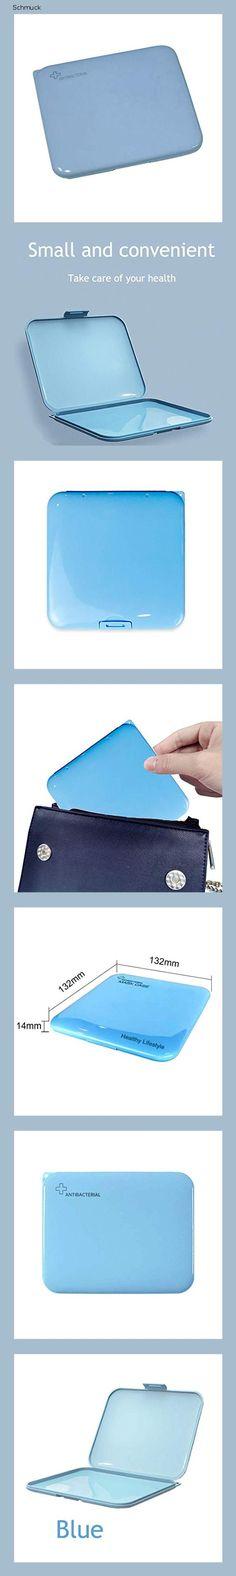 MOLEAQI Tragbare Masken-Aufbewahrungstasche, Staubmasken-Aufbewahrungsbox zur Vermeidung von Maskenverschmutzung 1 Packung Blau, ohne Maske - 14g2